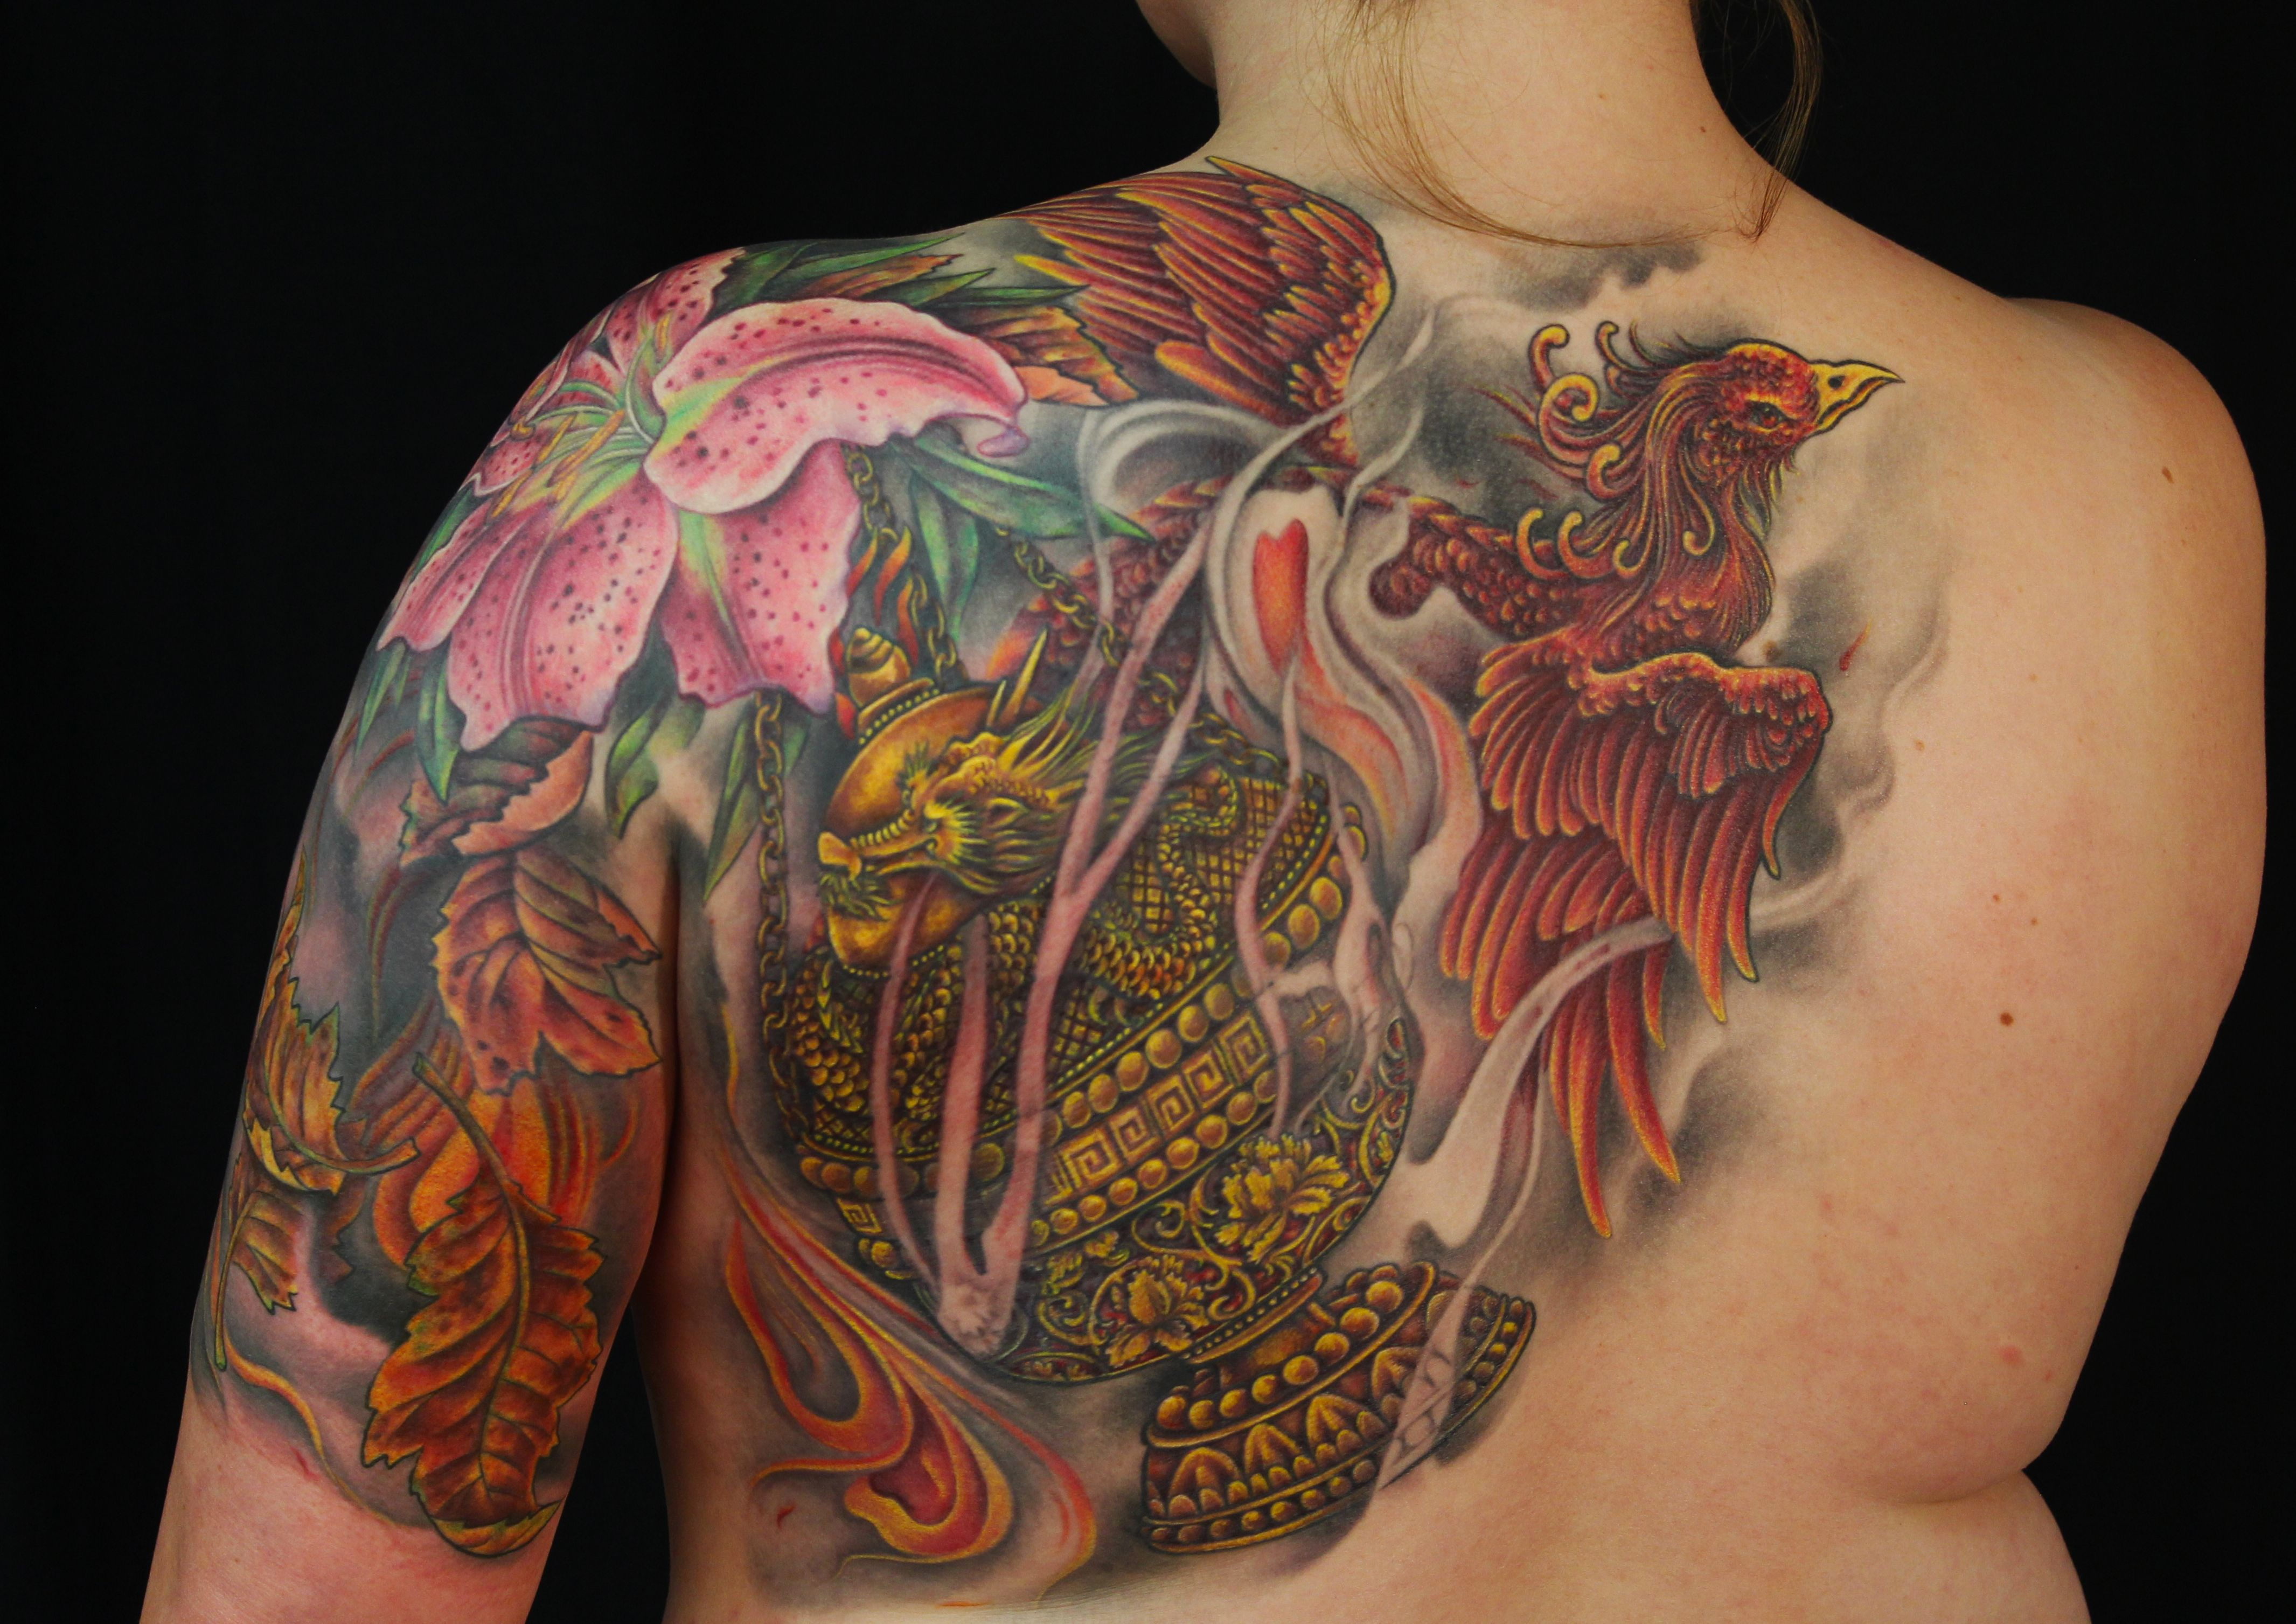 Jo harrison tattoo wwwun1tytattoo tattoos tattoo shop